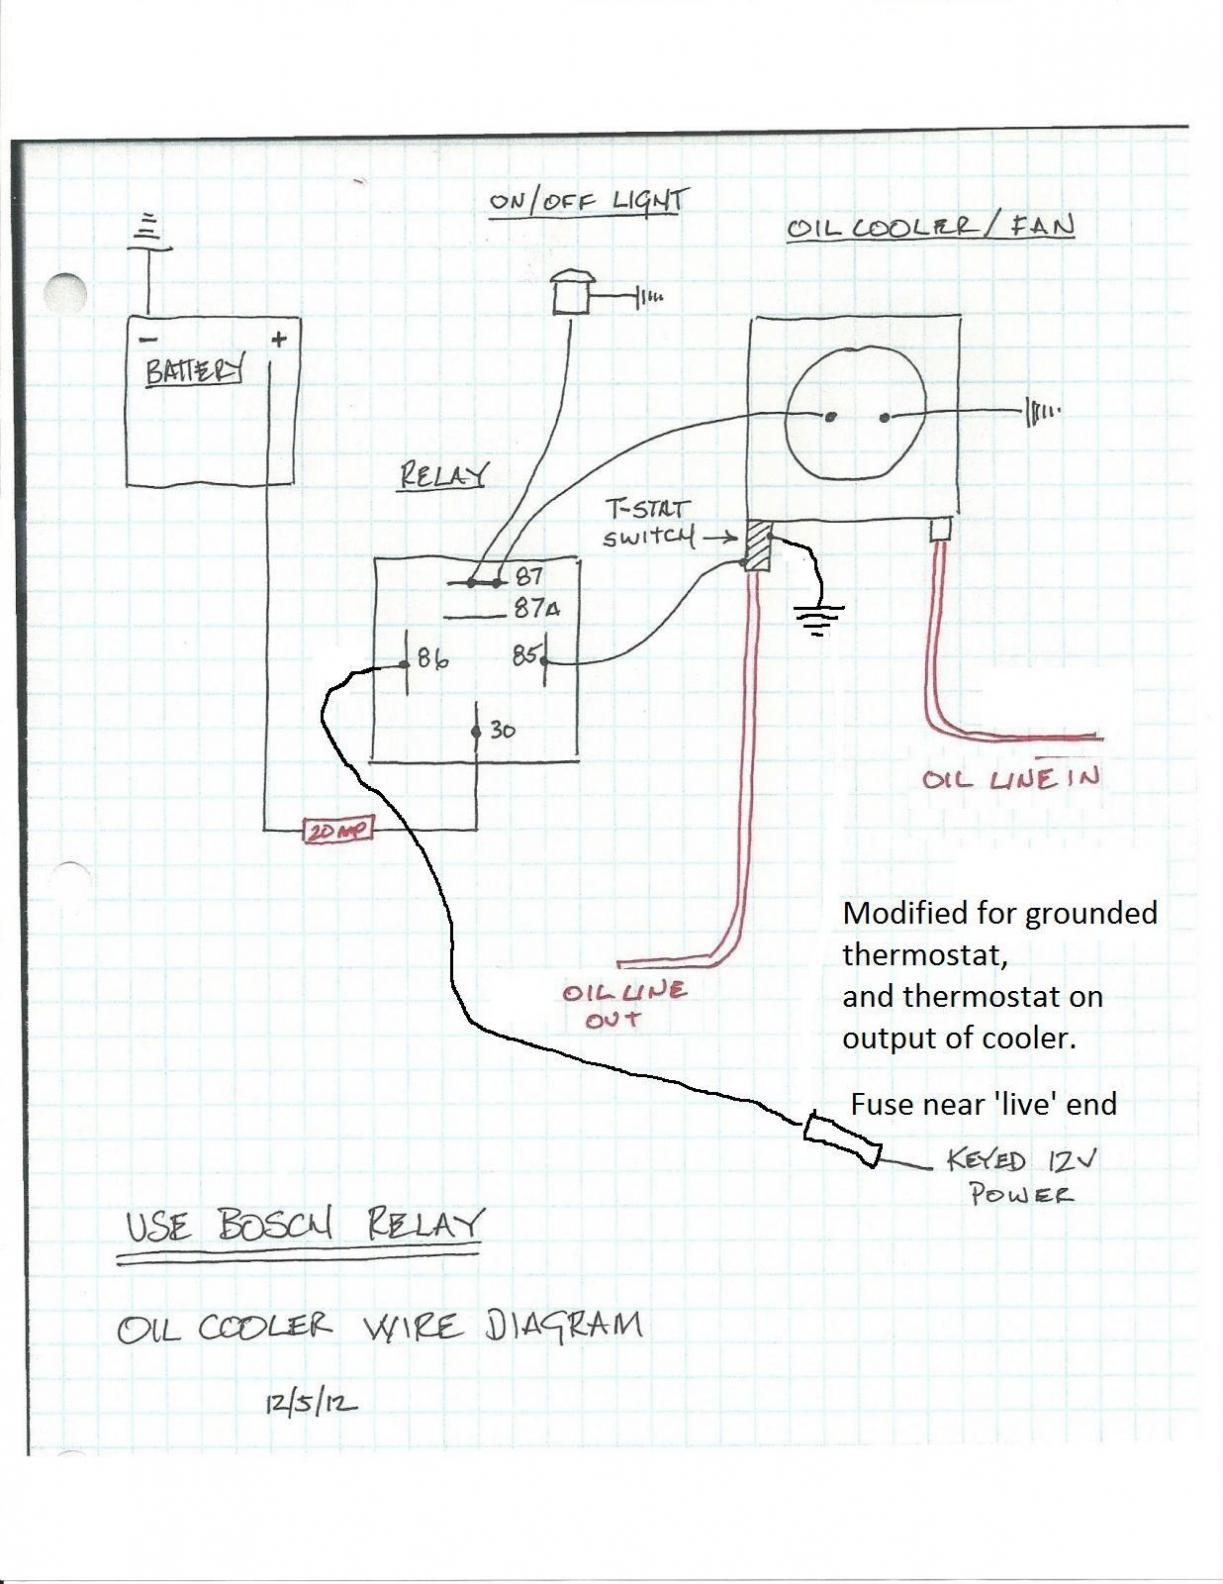 Power Window Switch 5 Wire Diagram   Wiring Library - 5 Pin Power Window Switch Wiring Diagram